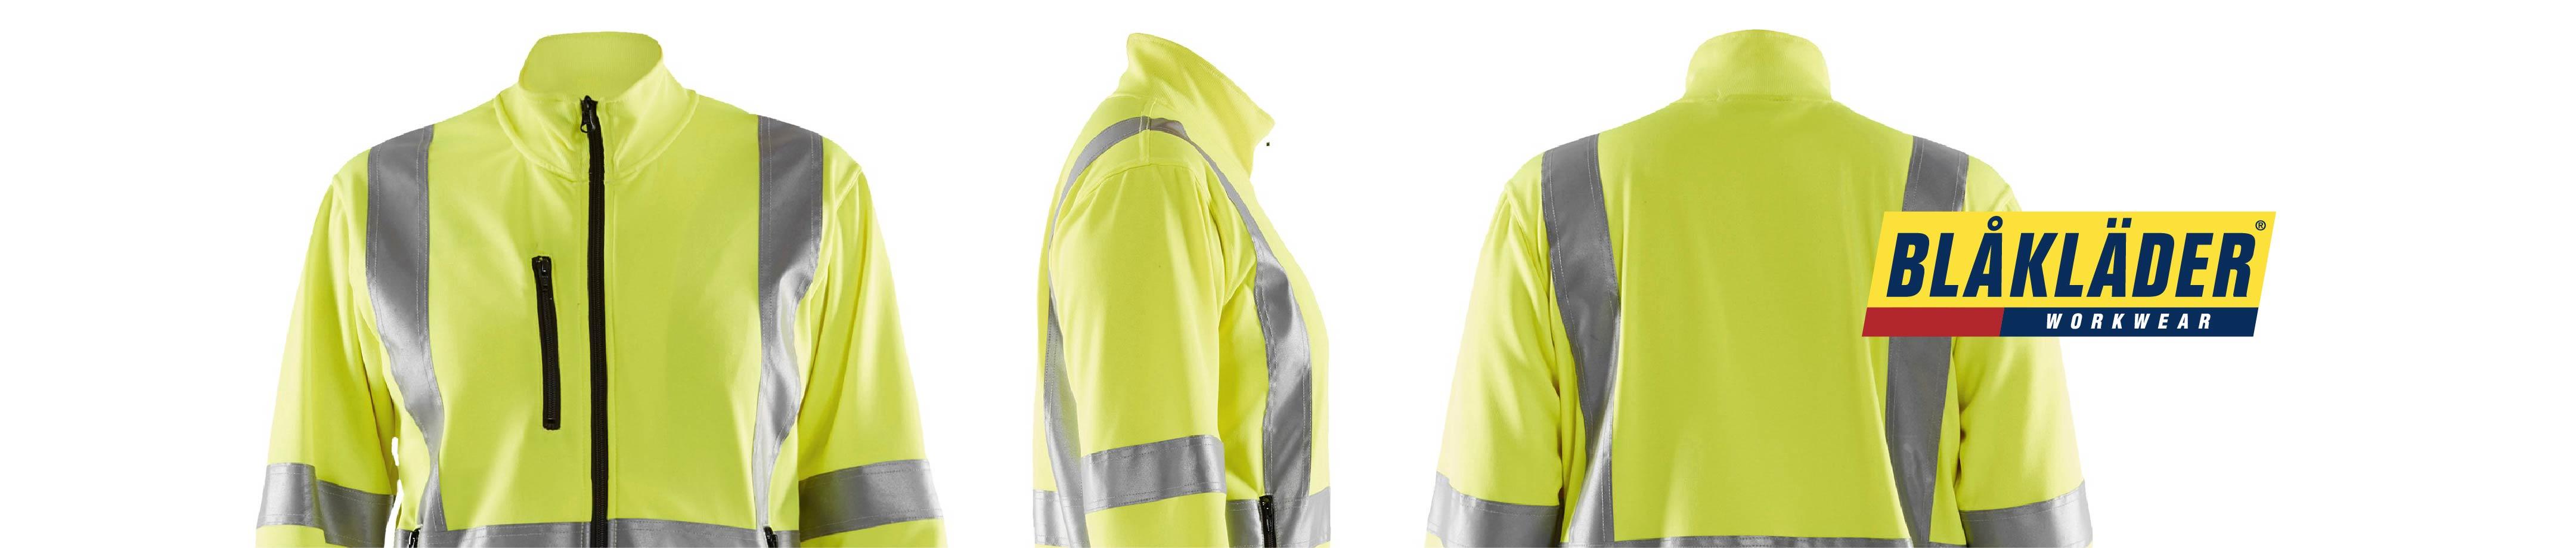 High vis work vests